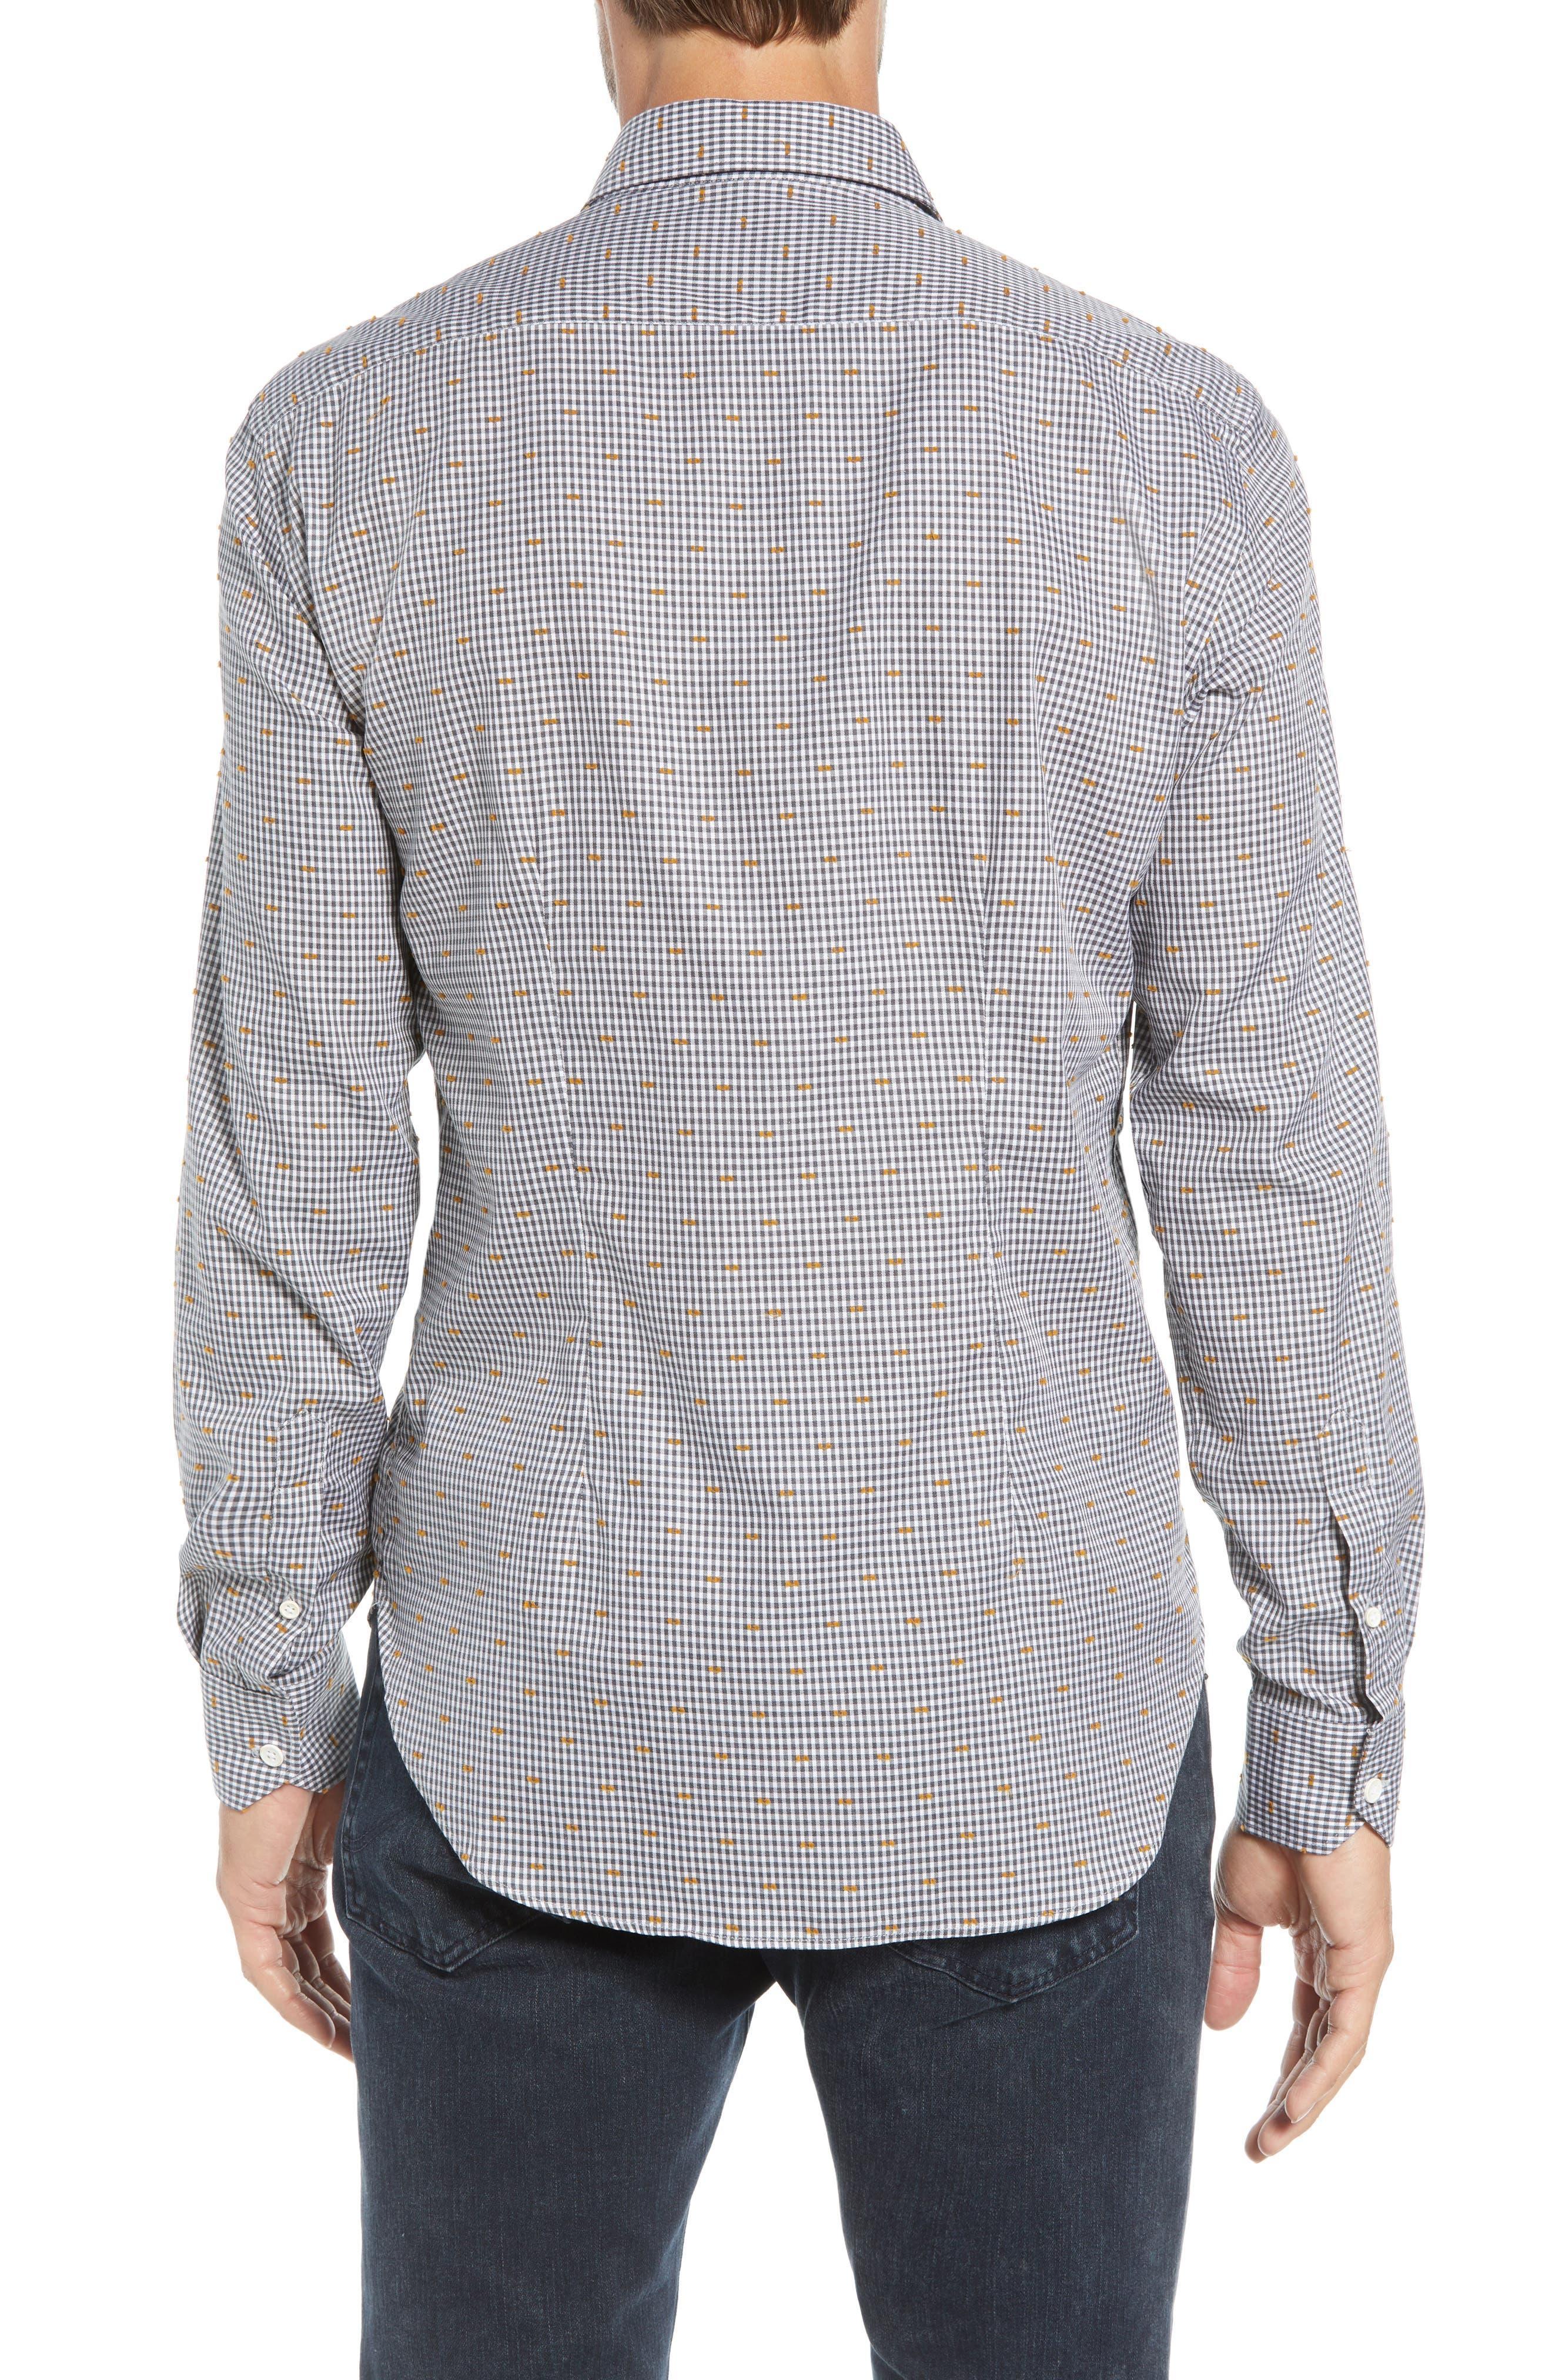 CULTURATA,                             Coupé Dot Tailored Fit Gingham Sport Shirt,                             Alternate thumbnail 3, color,                             020